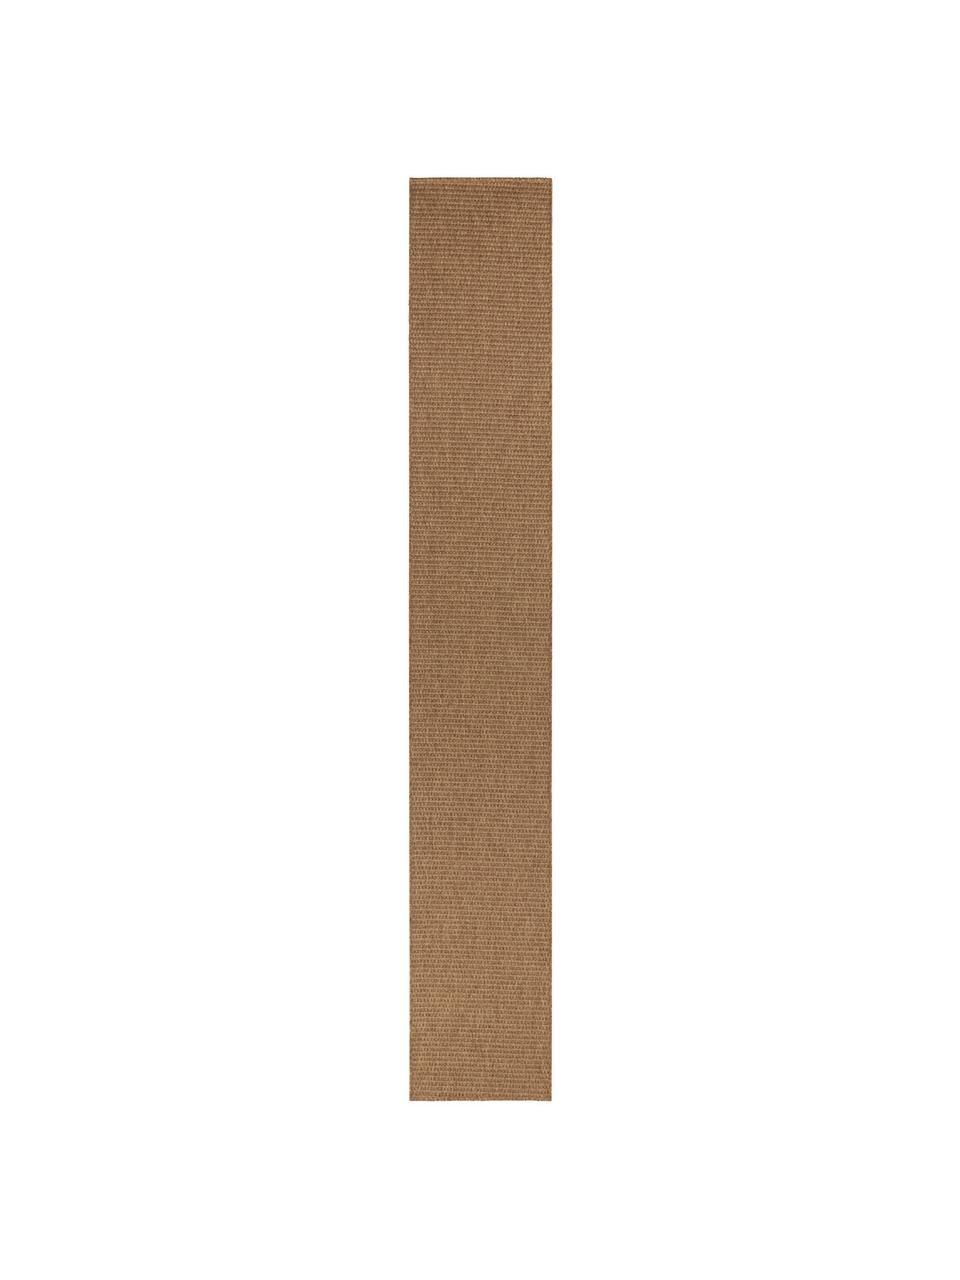 In- & Outdoor-Läufer Nala in Sisal-Optik, Braun, 80 x 500 cm